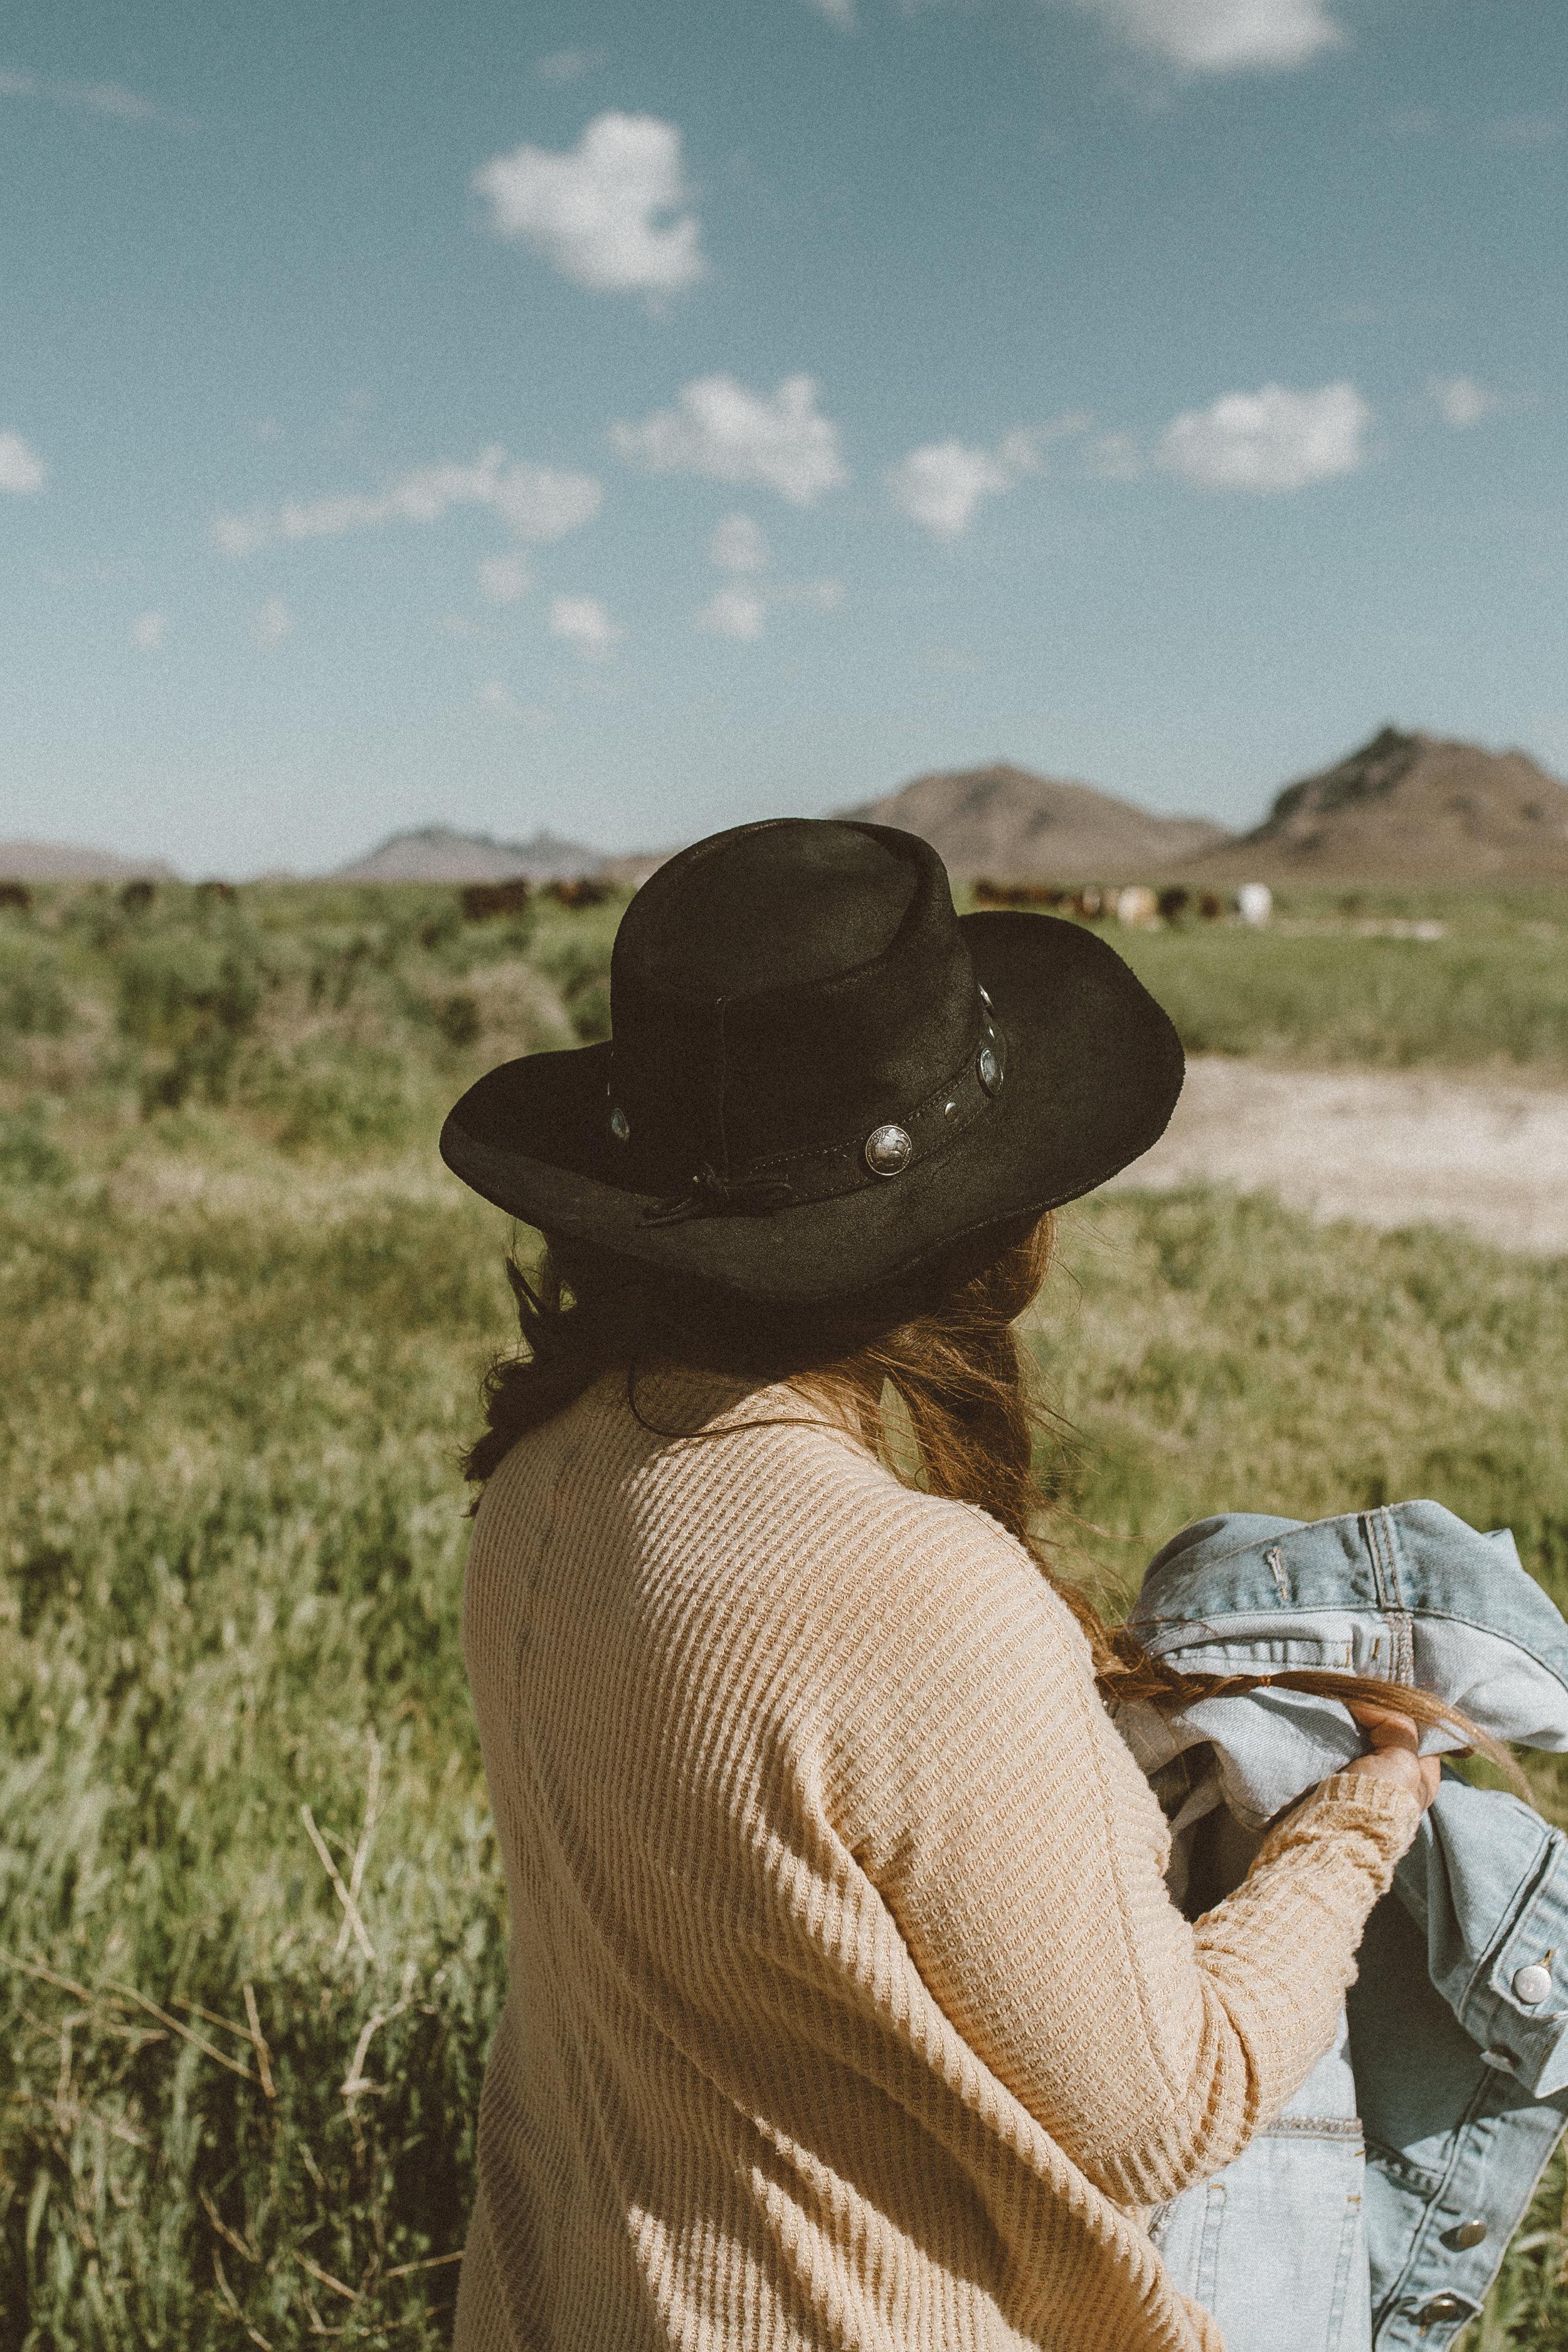 utah's wild horses mustangs-27.jpg